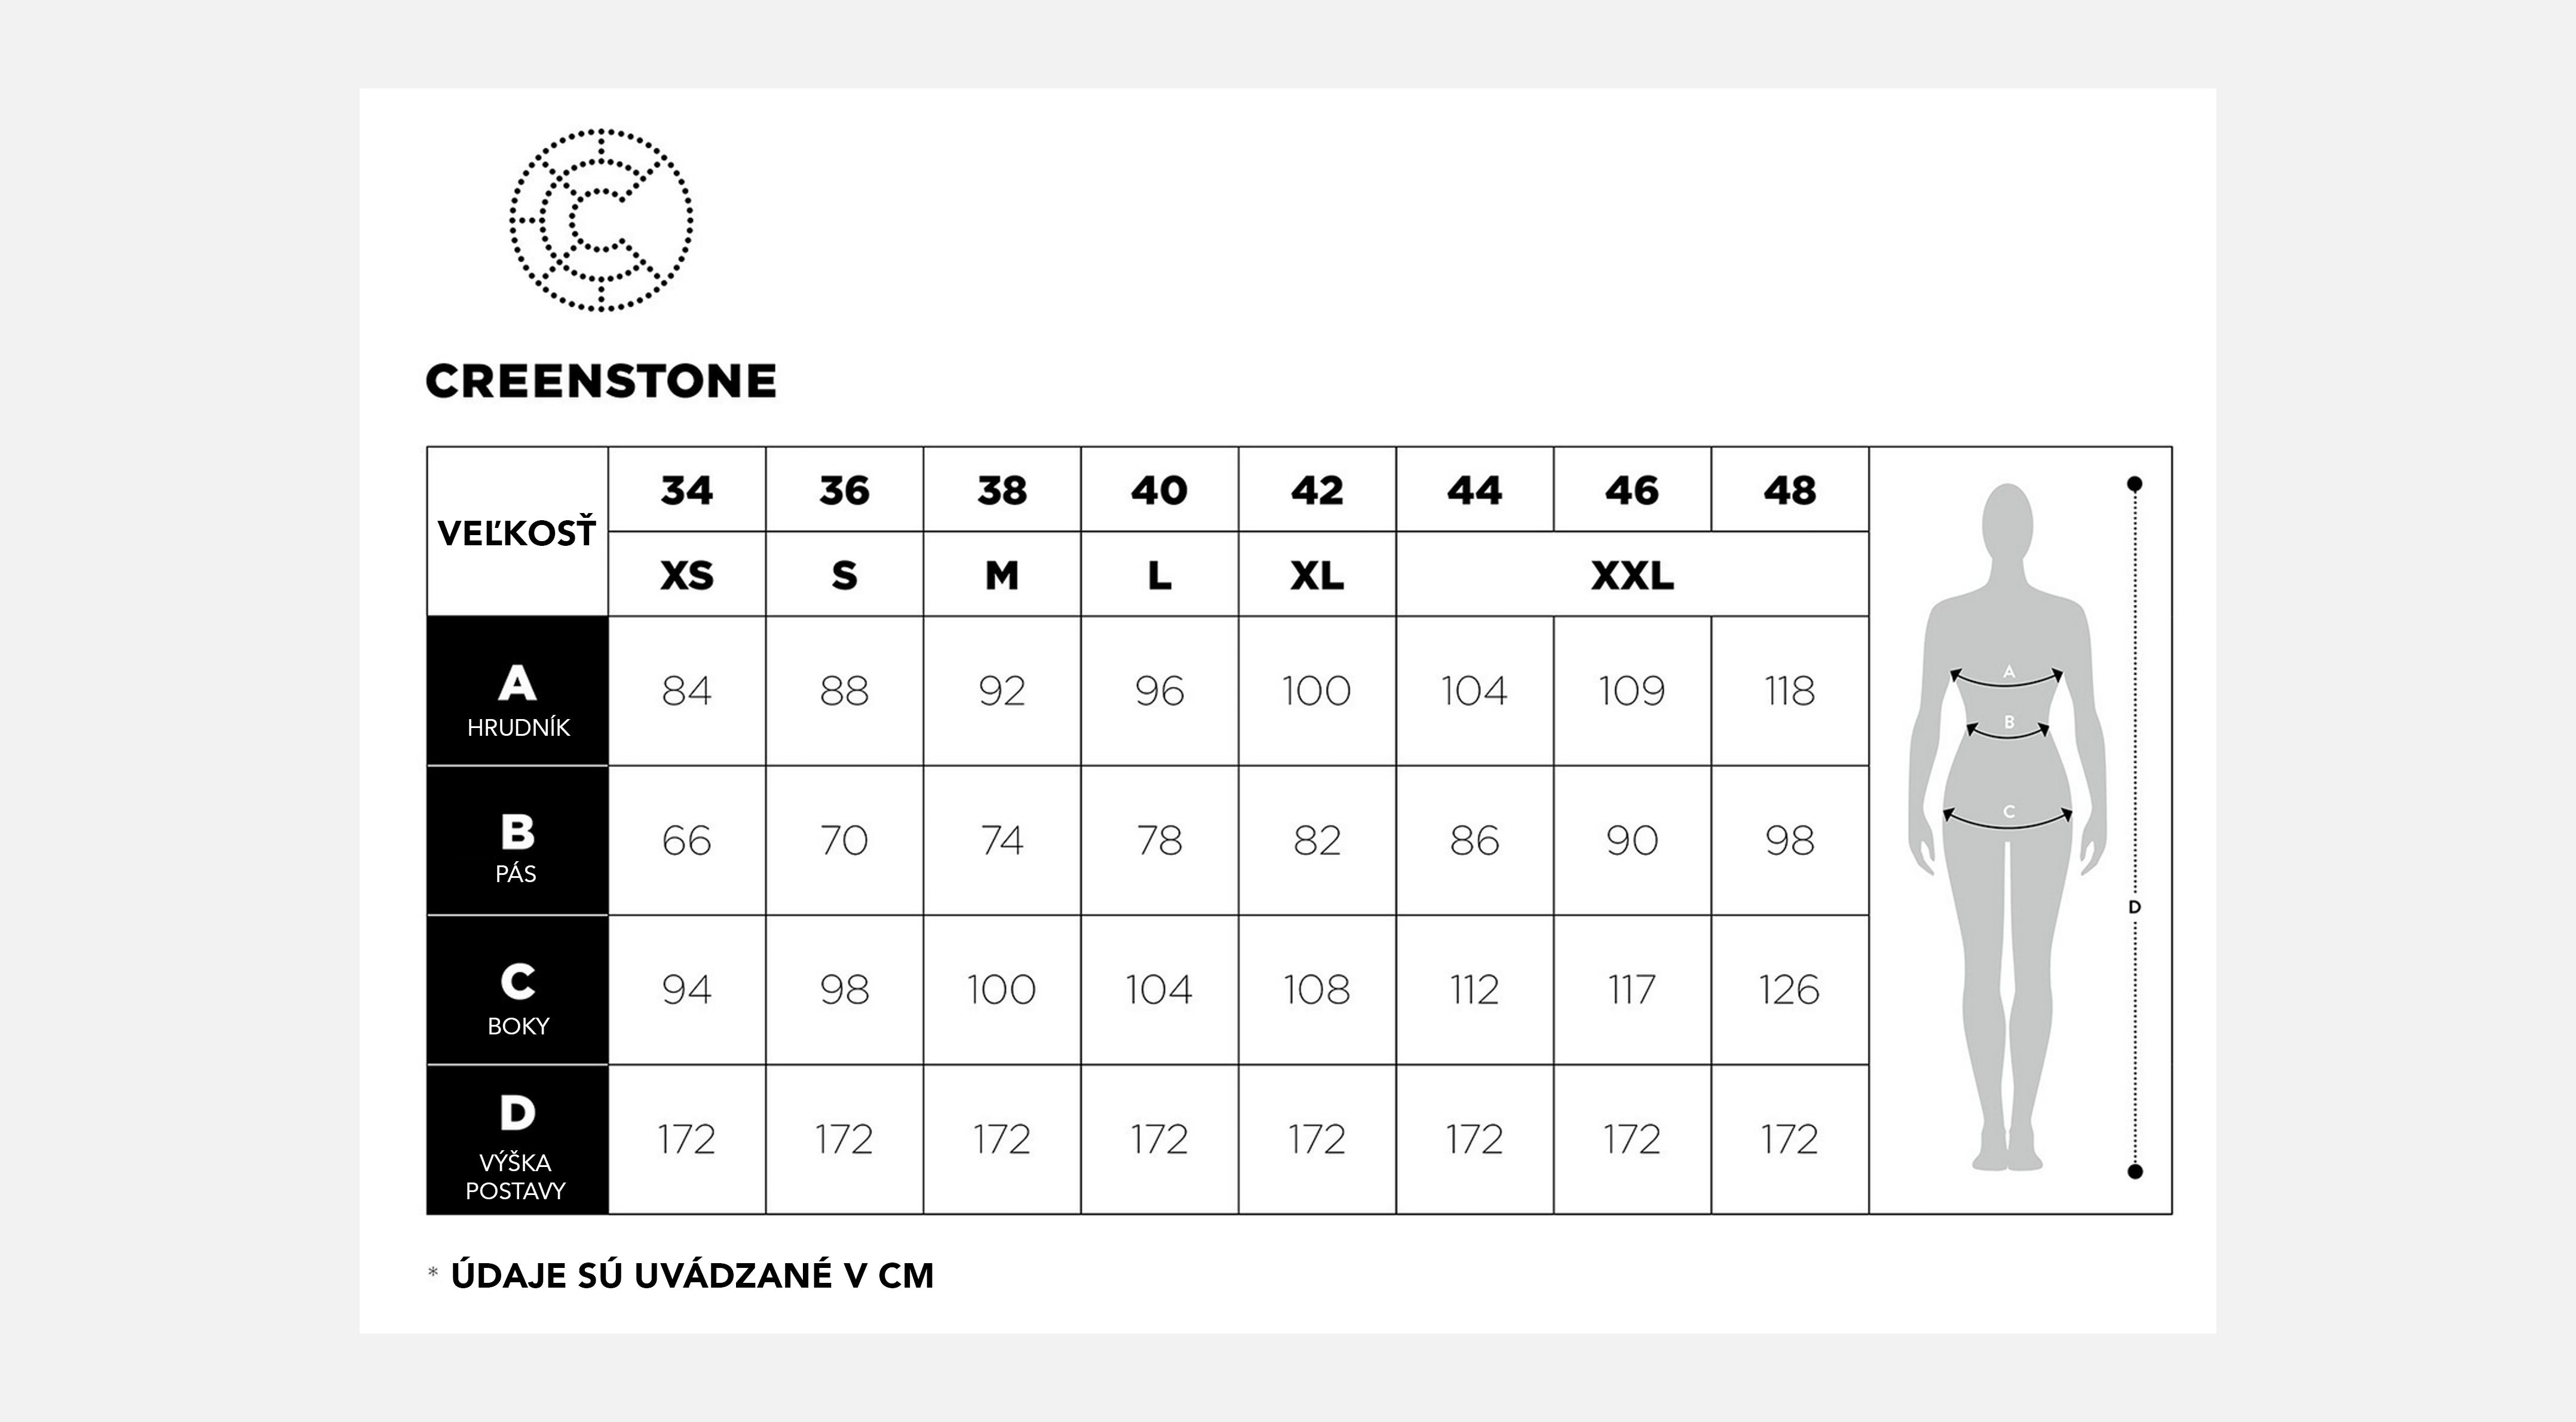 CREENSTONE veľkostné tabuľky | Dámske oblečenie CREENSTONE